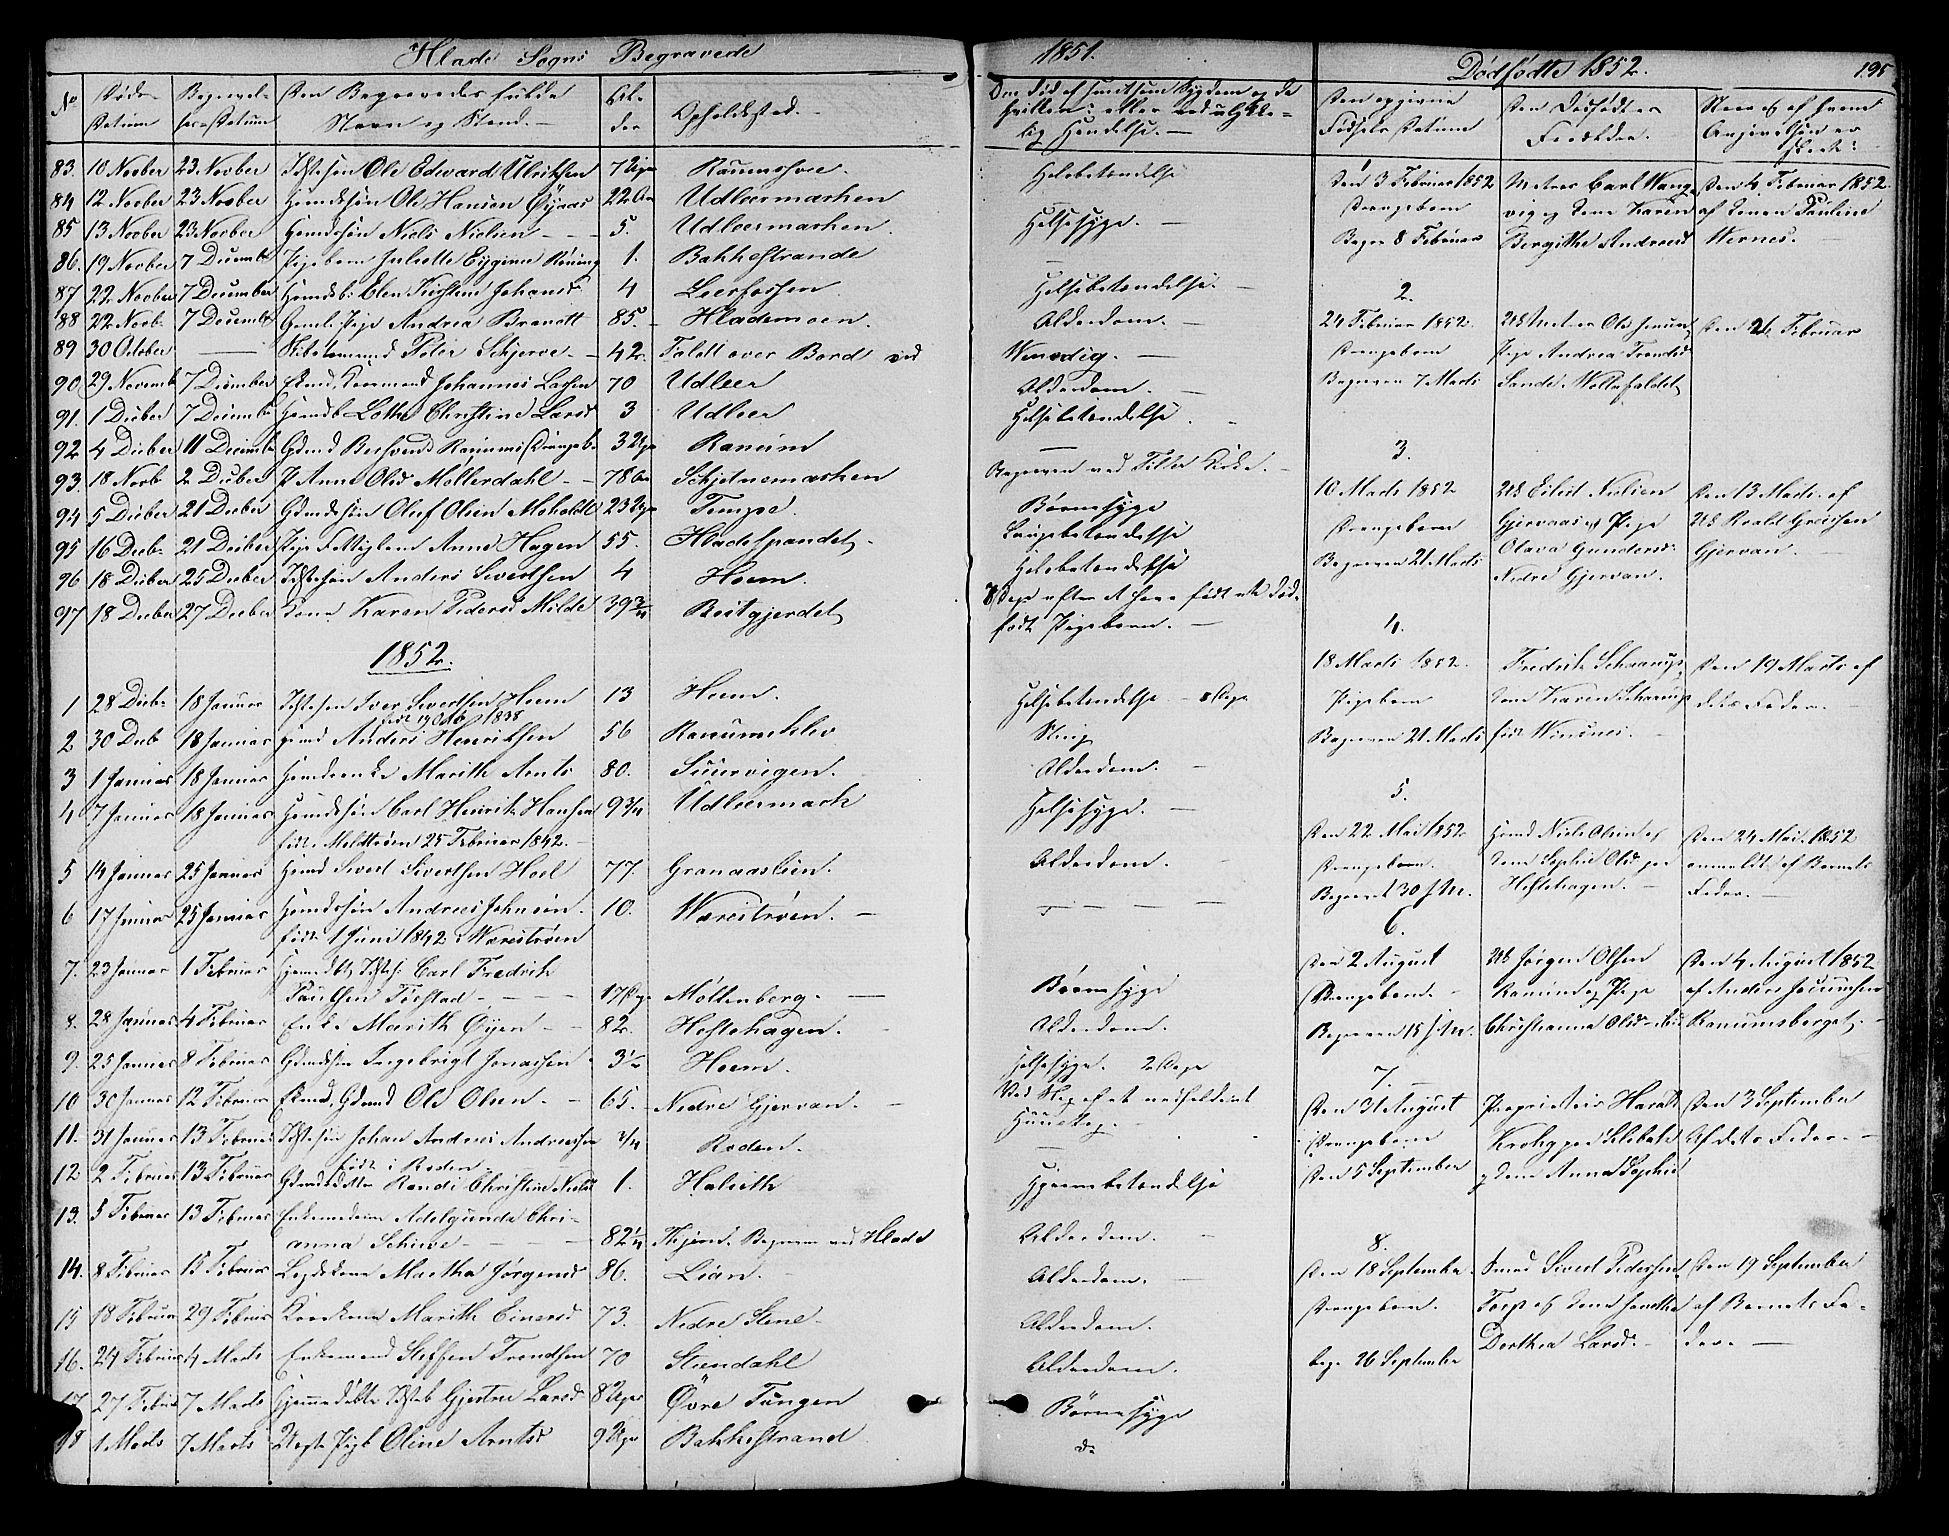 SAT, Ministerialprotokoller, klokkerbøker og fødselsregistre - Sør-Trøndelag, 606/L0310: Klokkerbok nr. 606C06, 1850-1859, s. 195